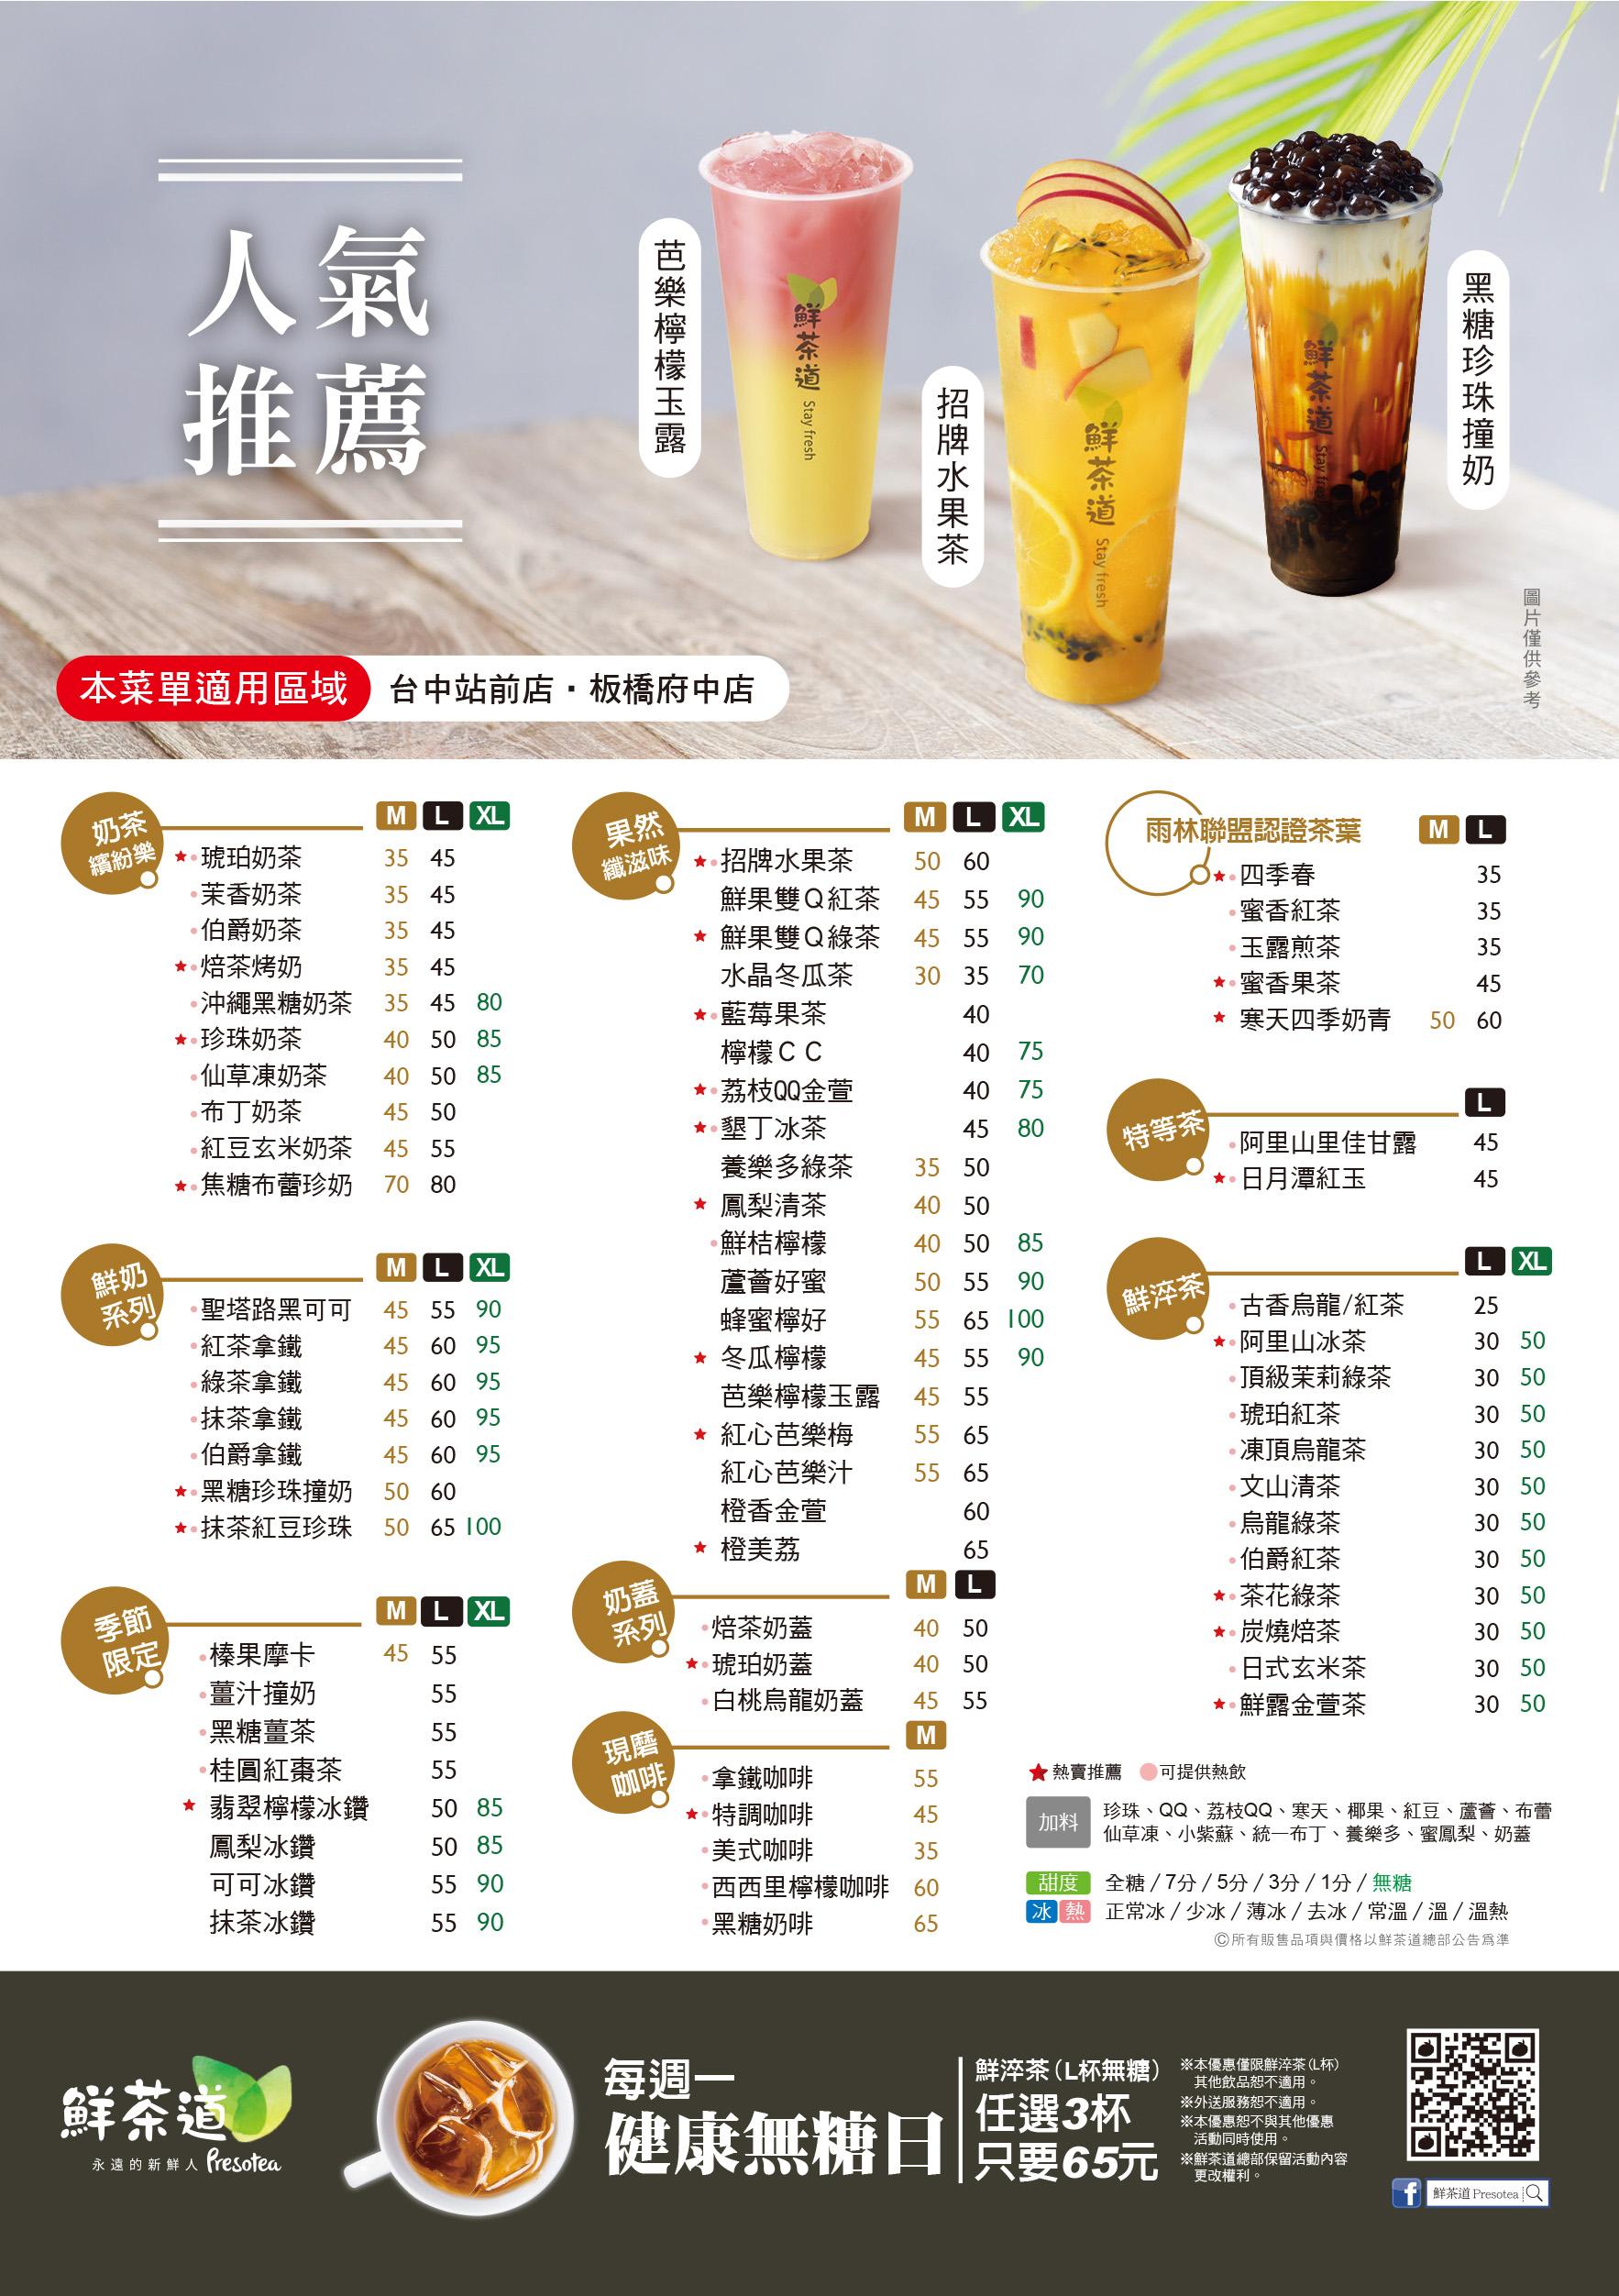 鮮茶道Presotea菜單MENU